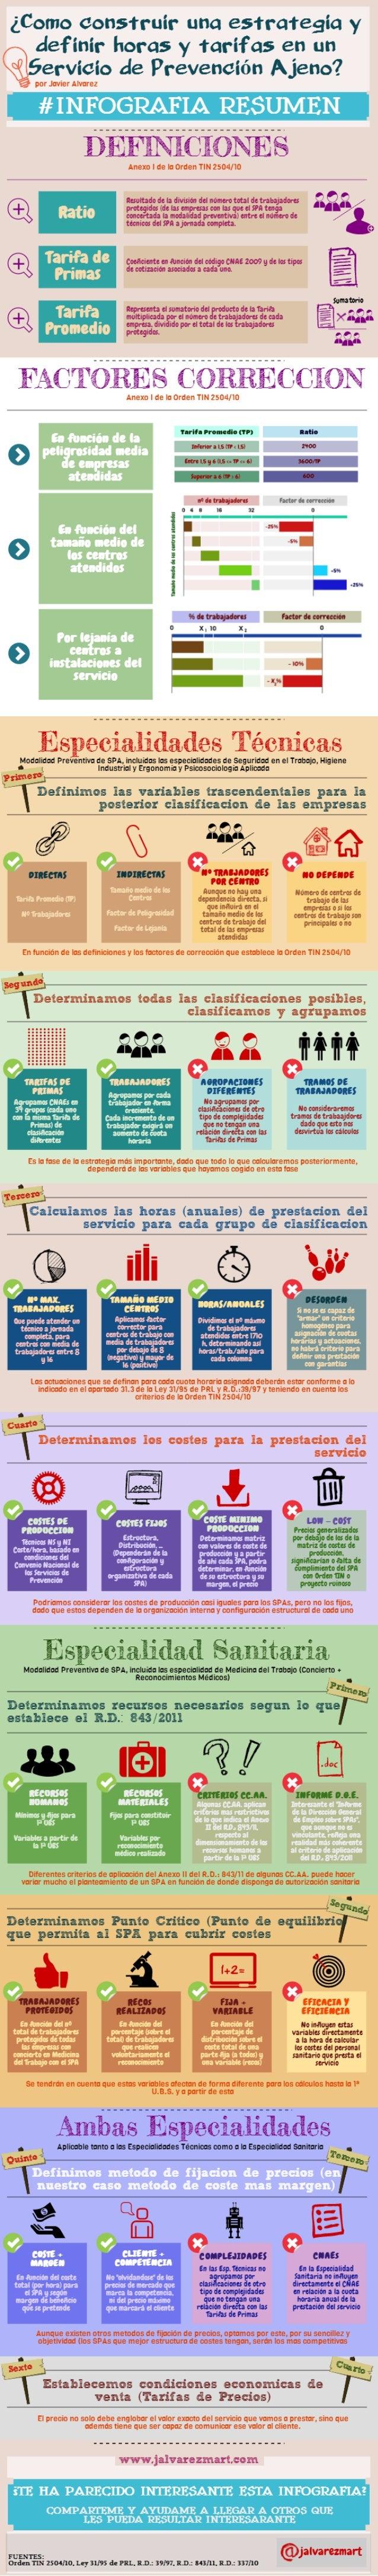 ¿Como construir una estrategia y definir horas y tarifas en un ervicío de Prevención Ajeno'?   por Javier Alvarez  #INFOGR...